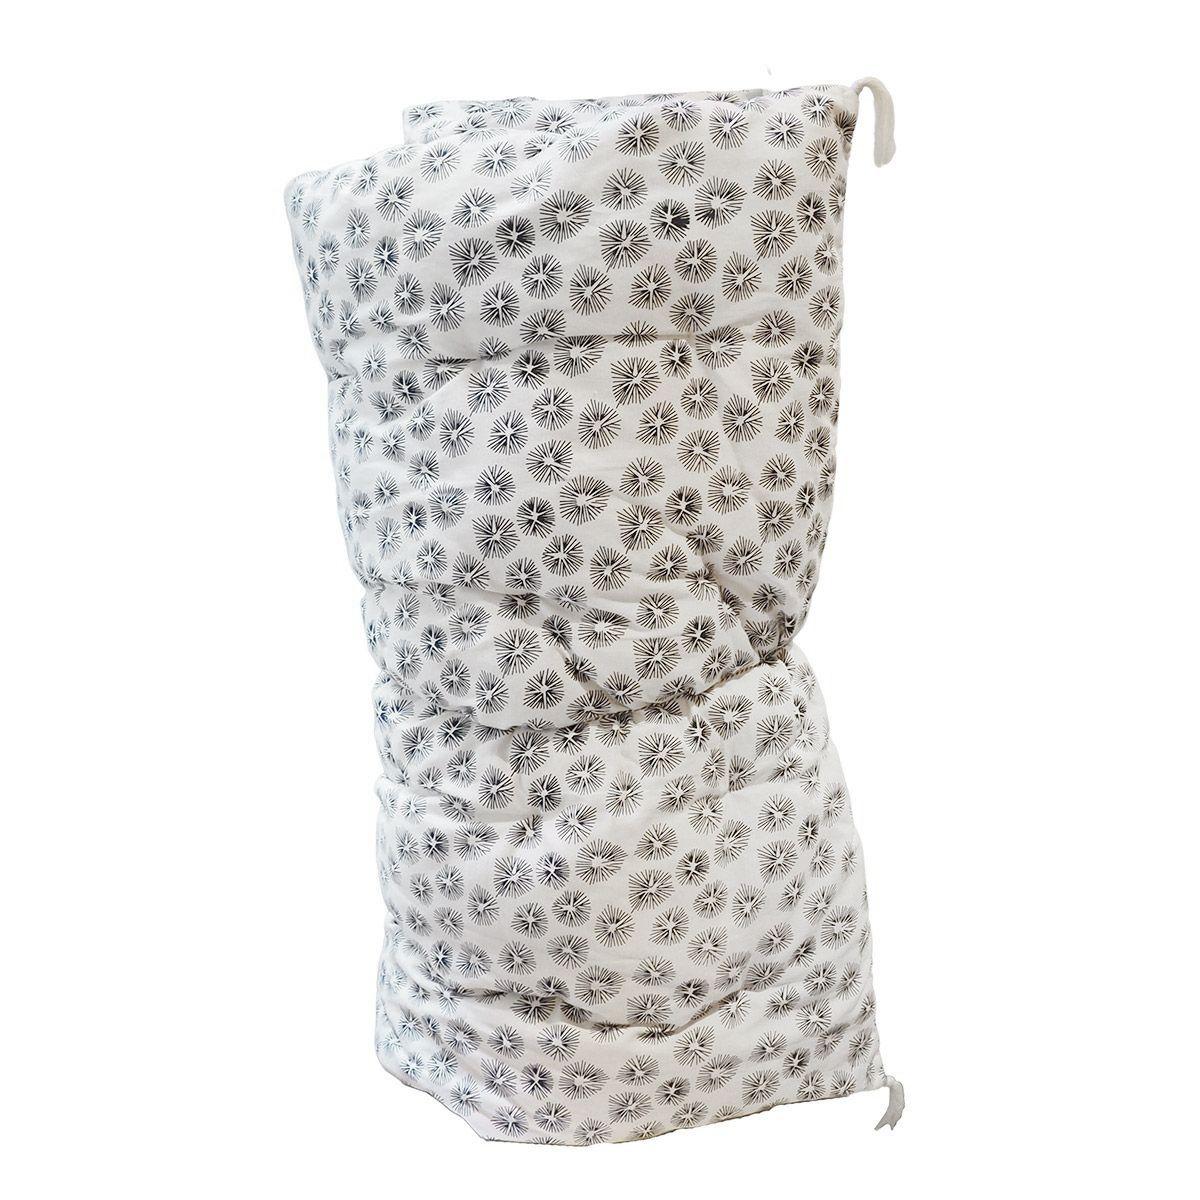 Edredon sur-matelas coton imprimé blanc